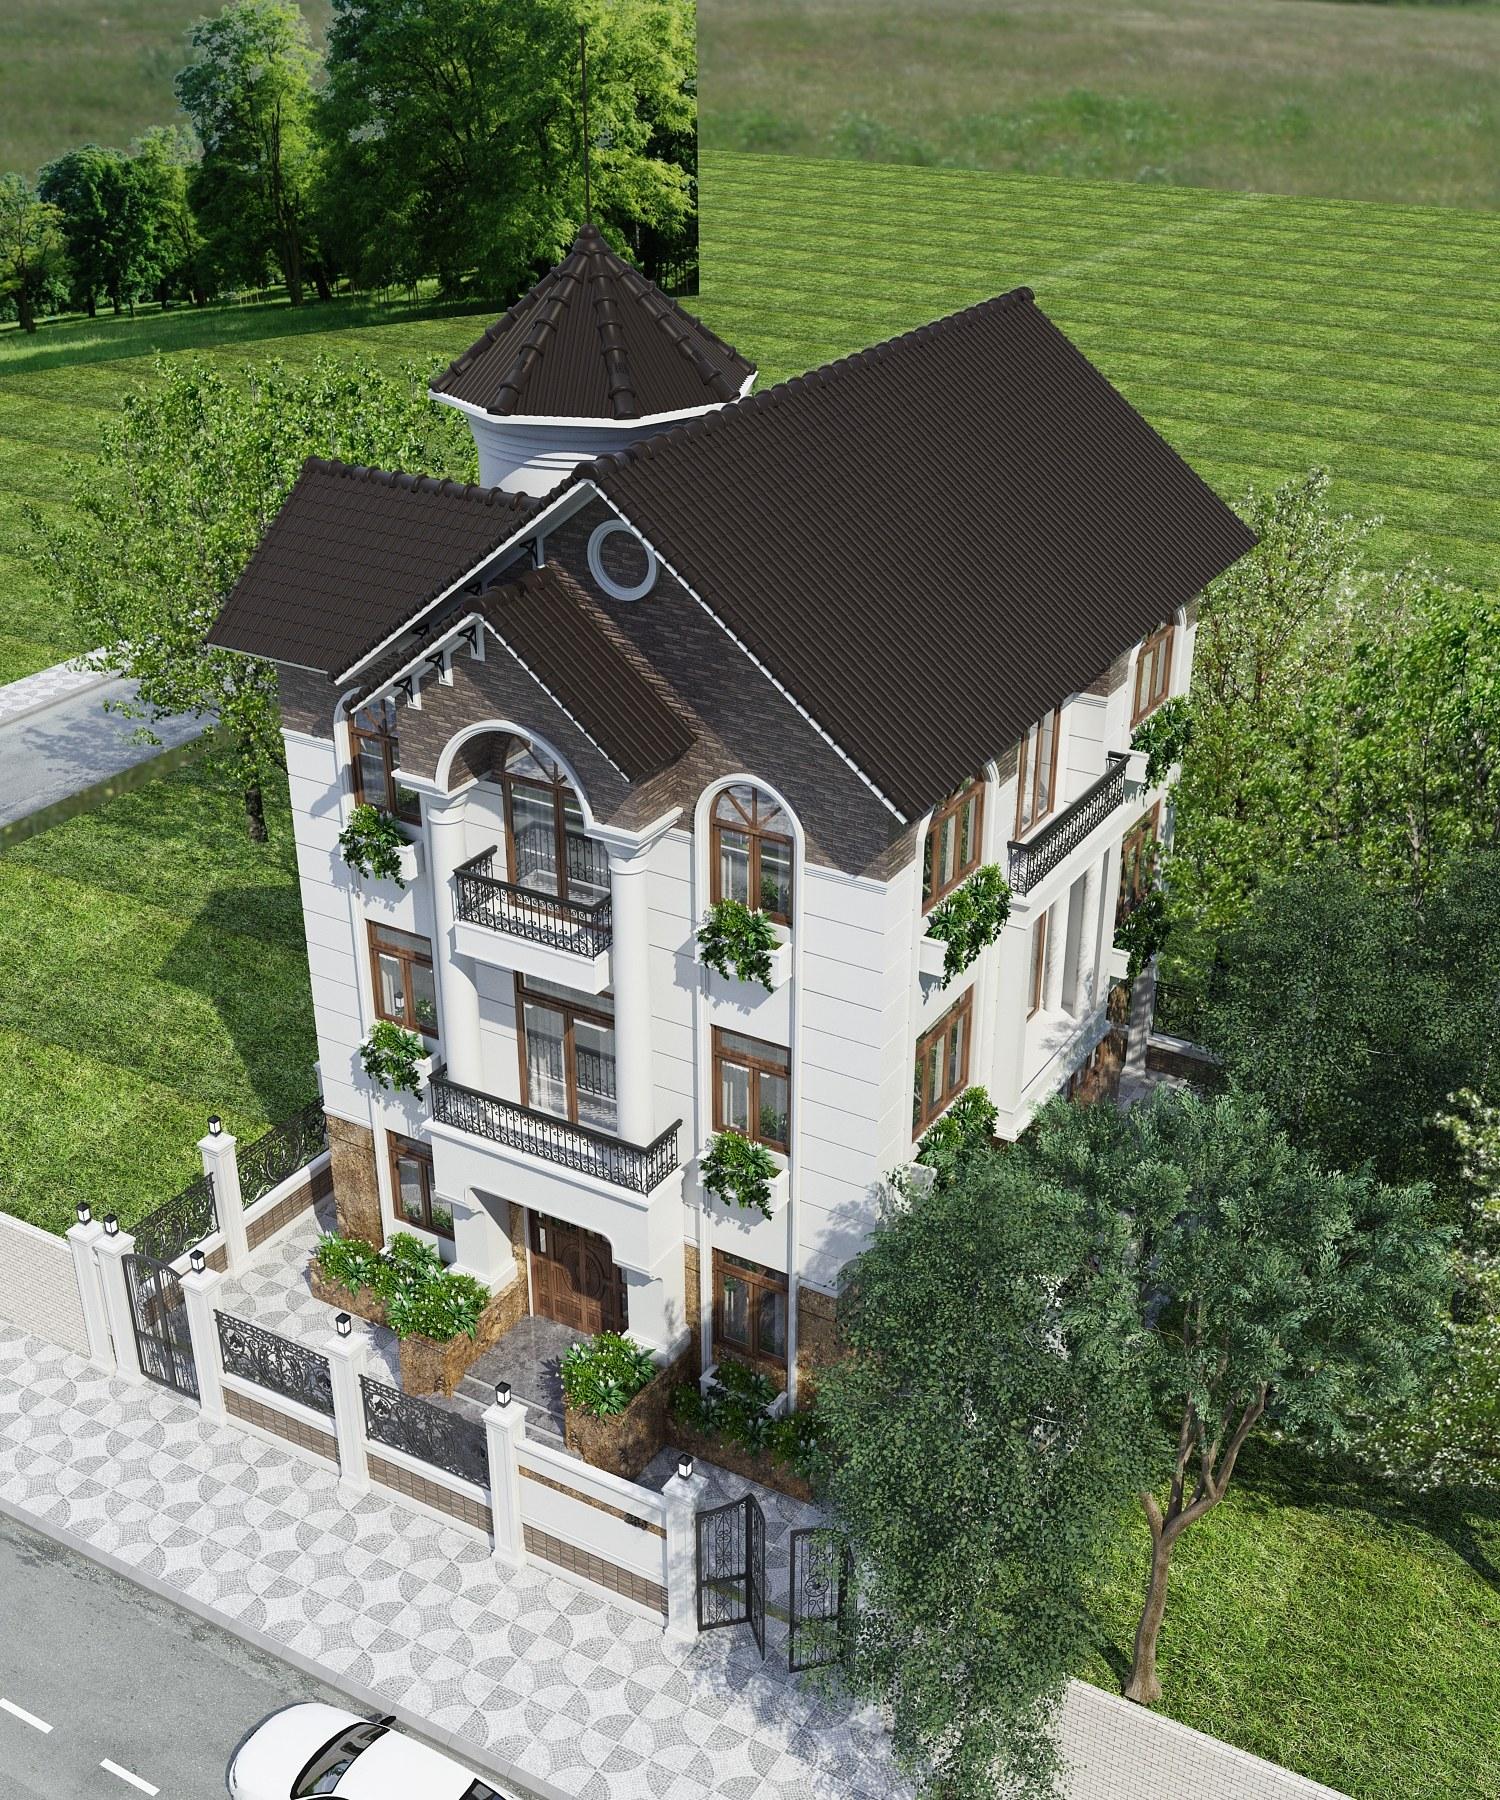 Căn biệt thự nổi bật với những nét đẹp của kiến trúc tân cổ